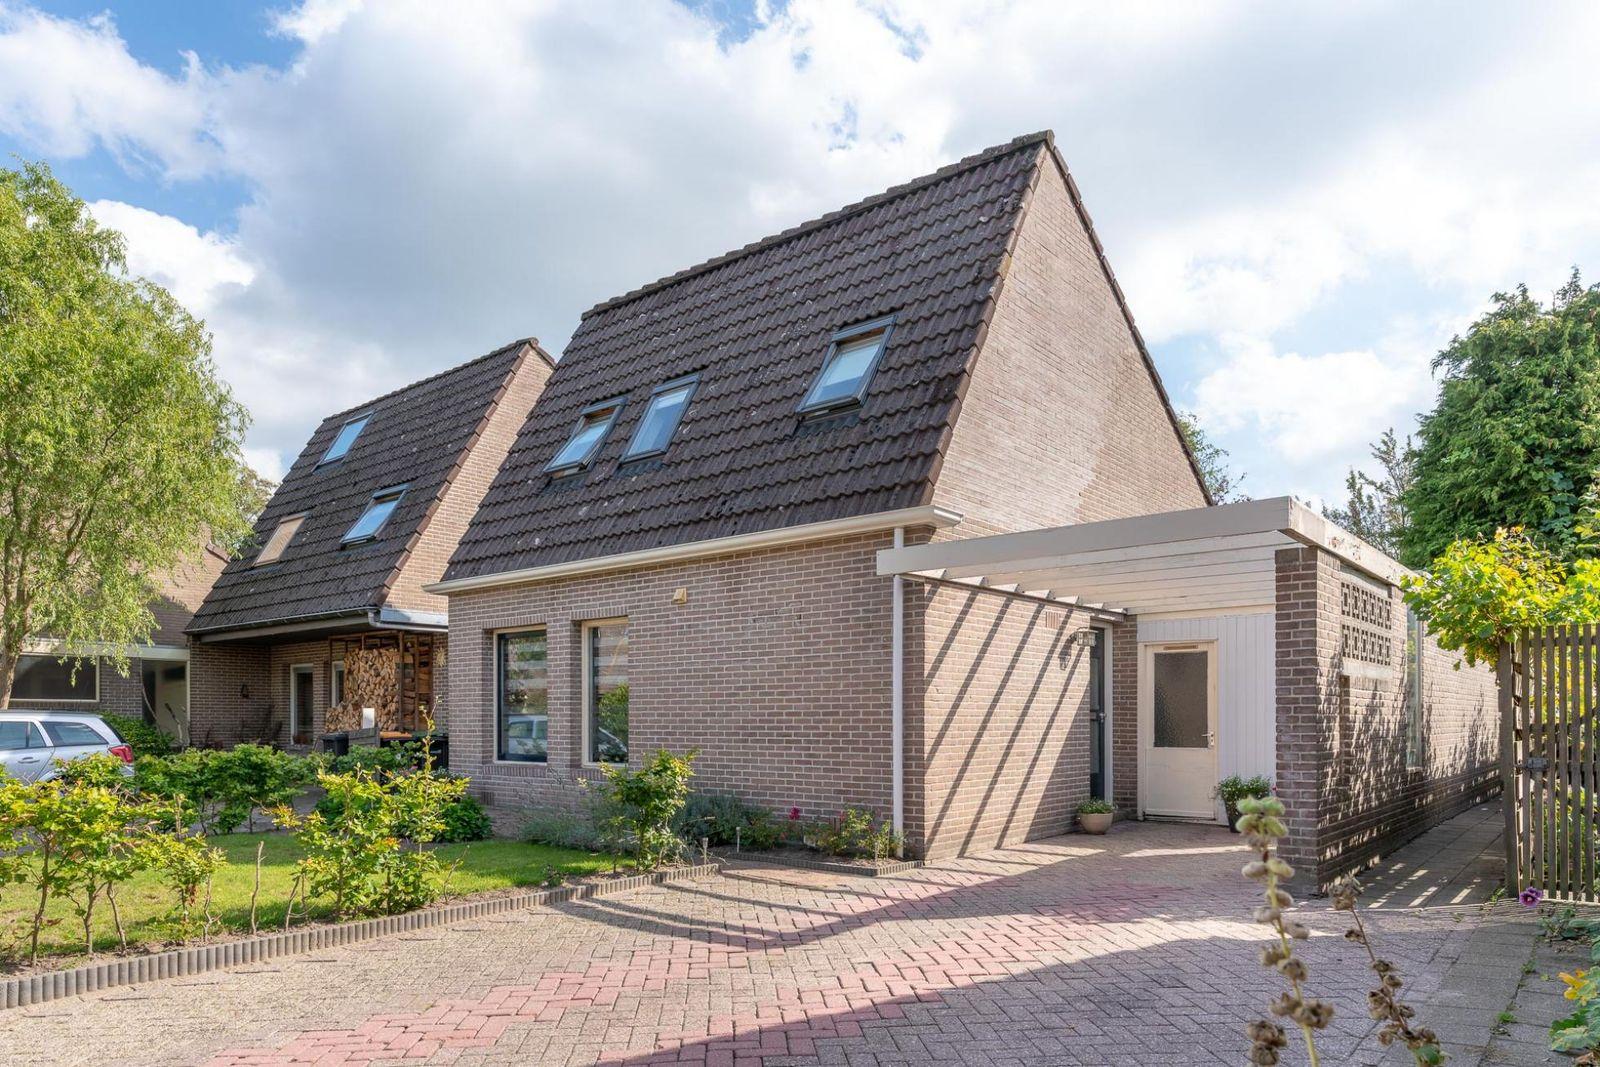 Boerkamp 23, Westerbork